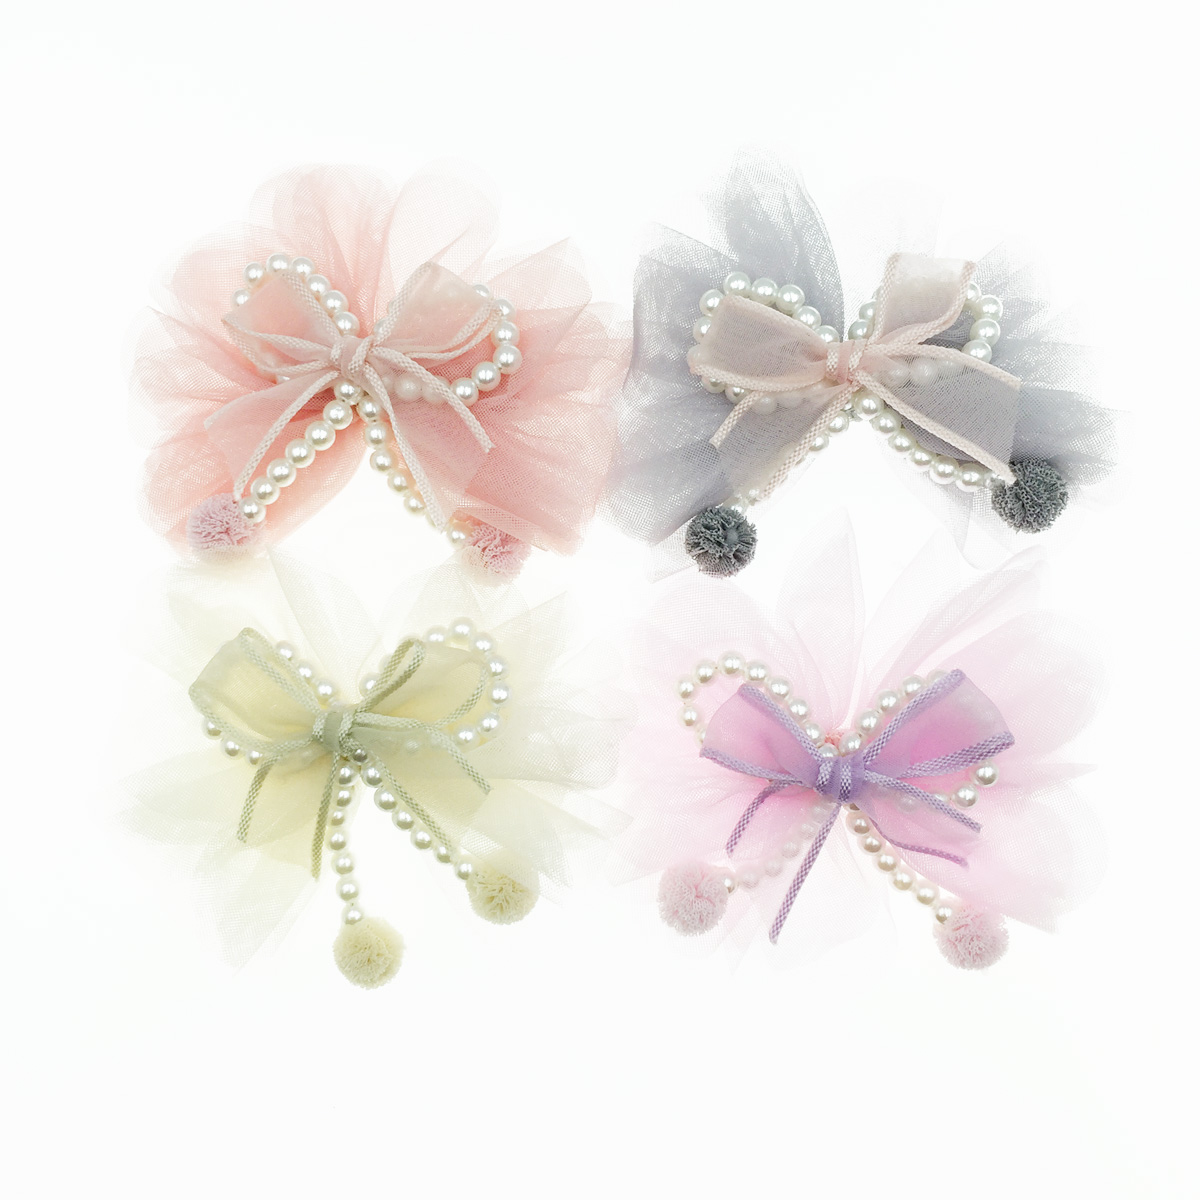 韓國 蝴蝶結 珍珠 紗 髮夾 壓夾 兒童髮飾